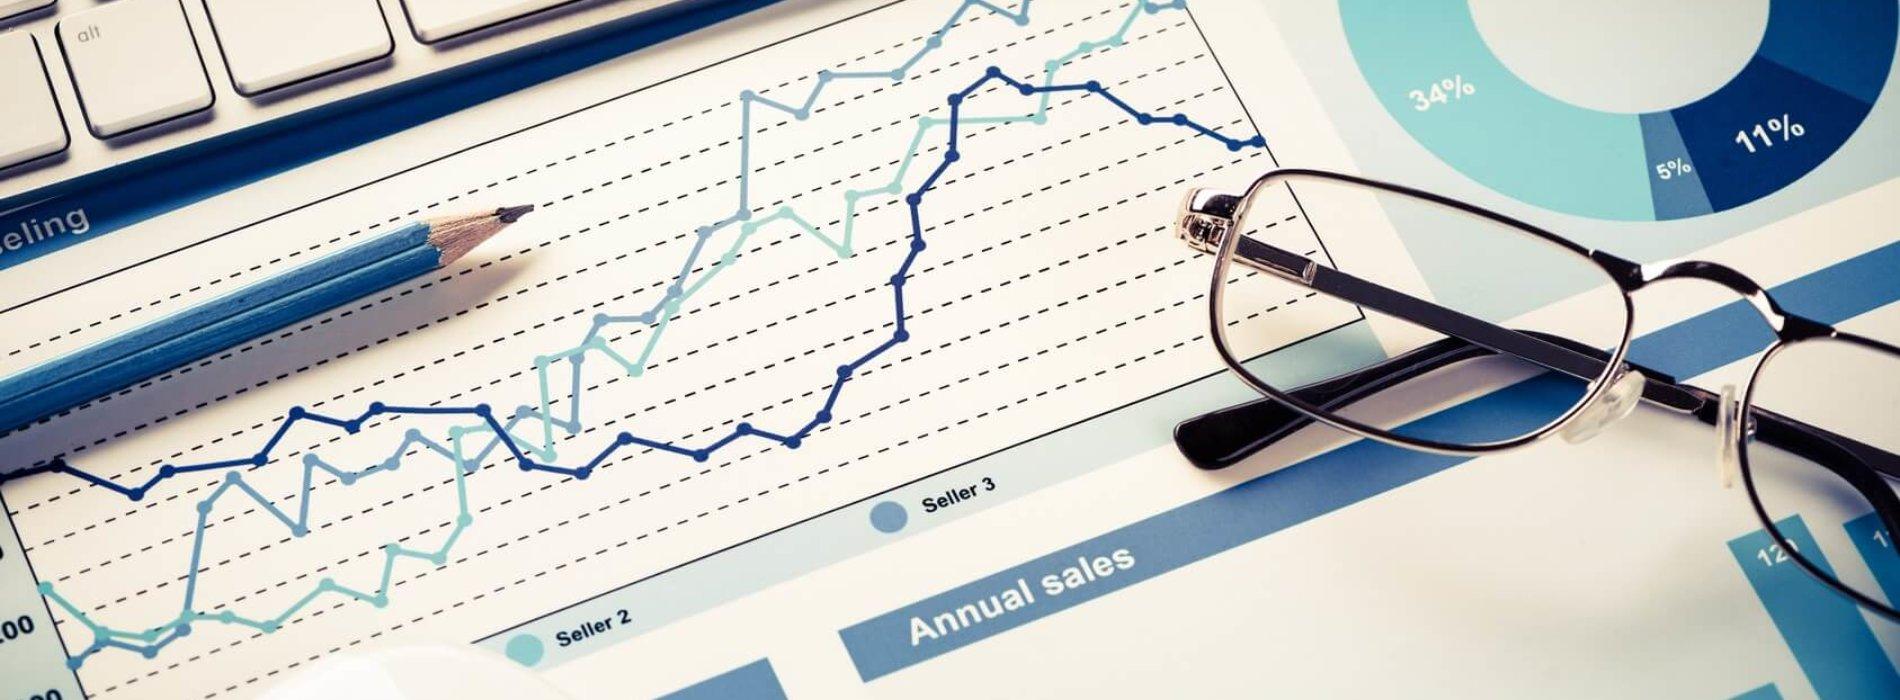 13. fala badania wartości wskaźnika Bibby MSP Index